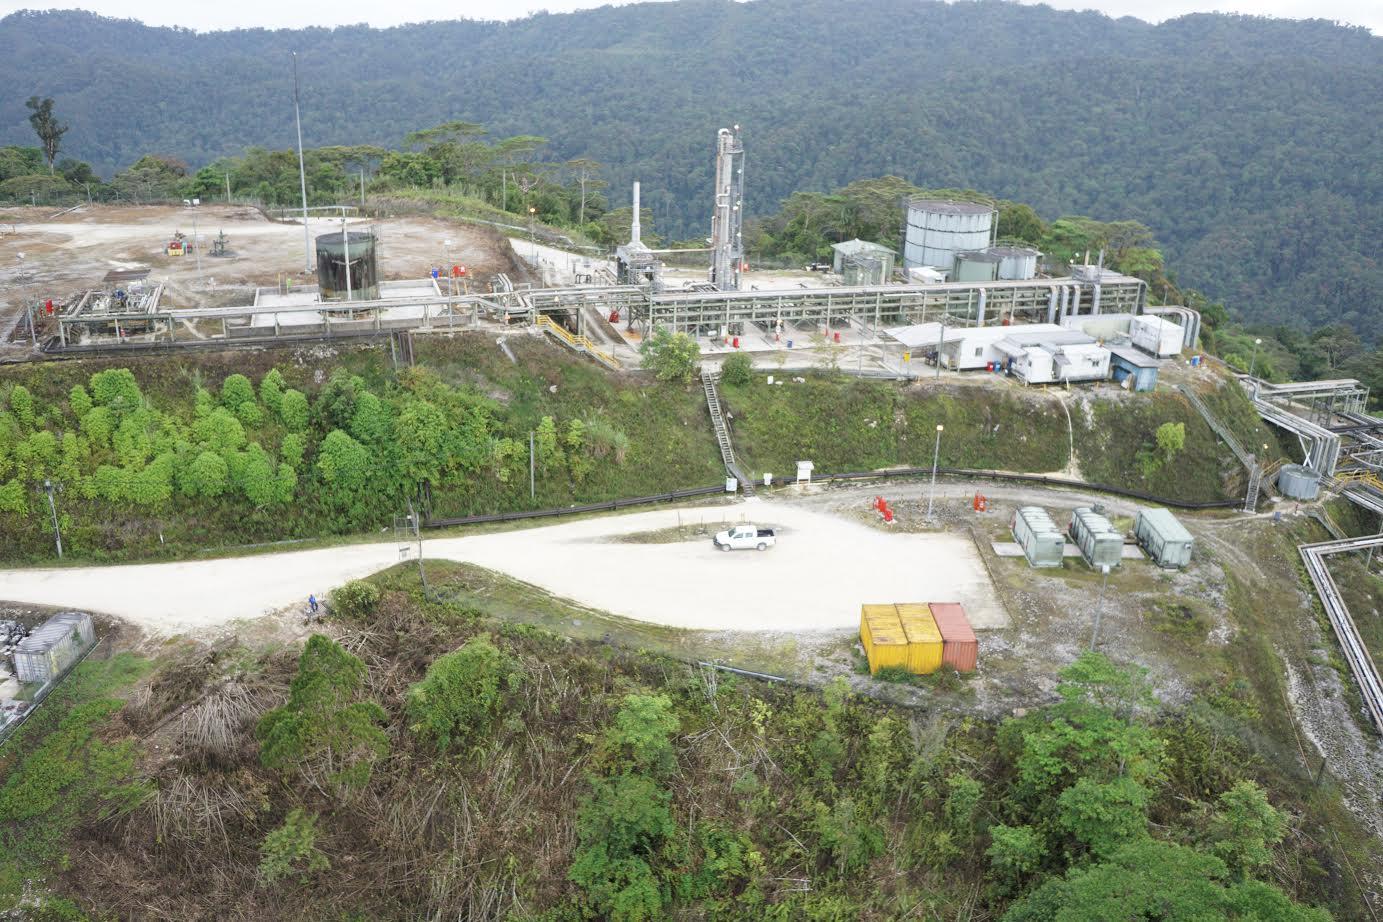 Kutubu Refinery Project